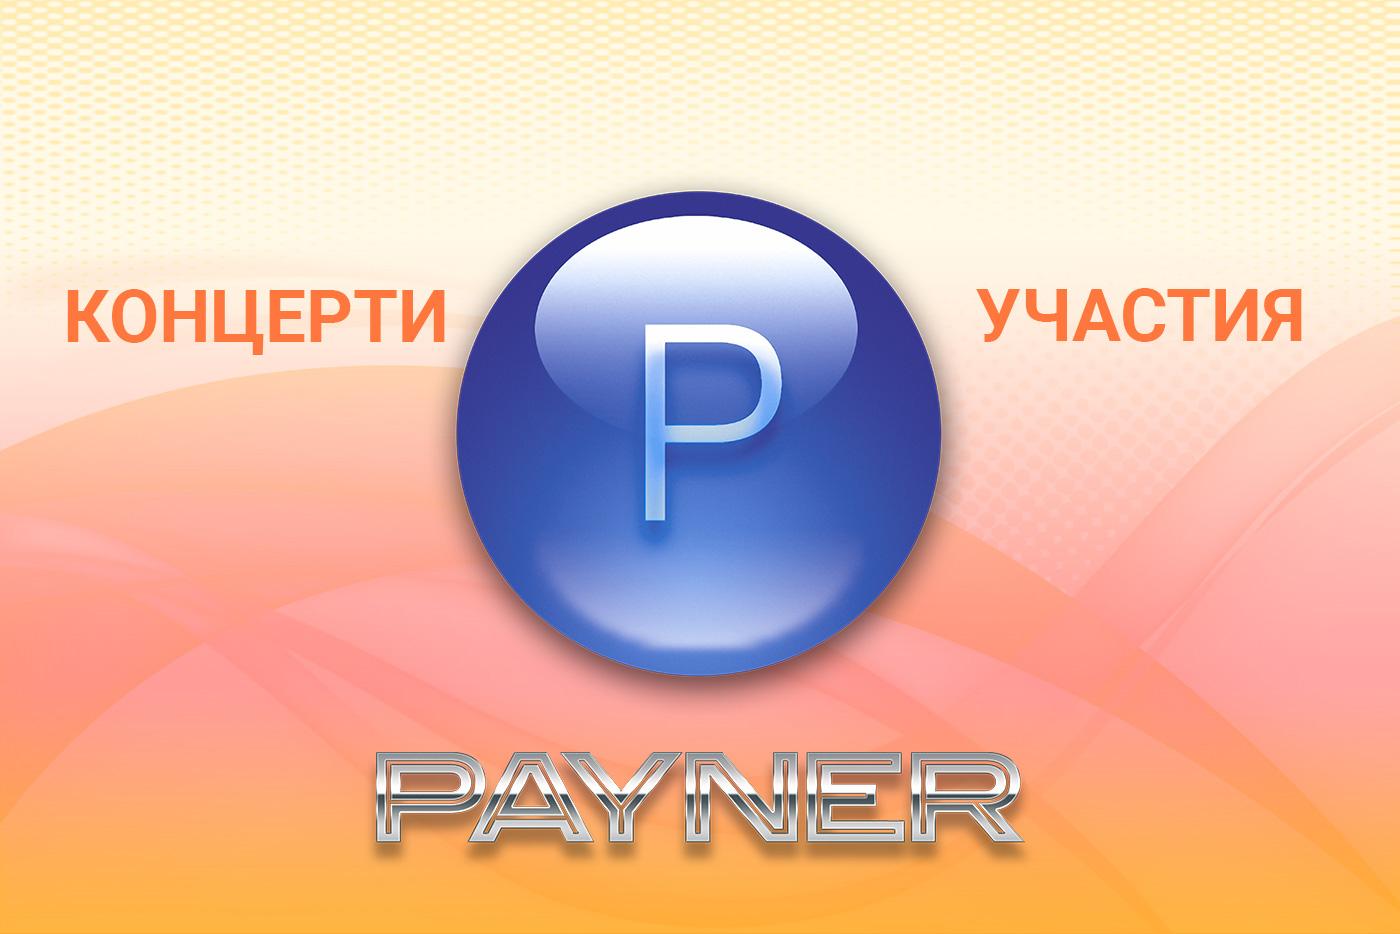 """Участия на звездите на """"Пайнер"""" на 21.02.2020"""